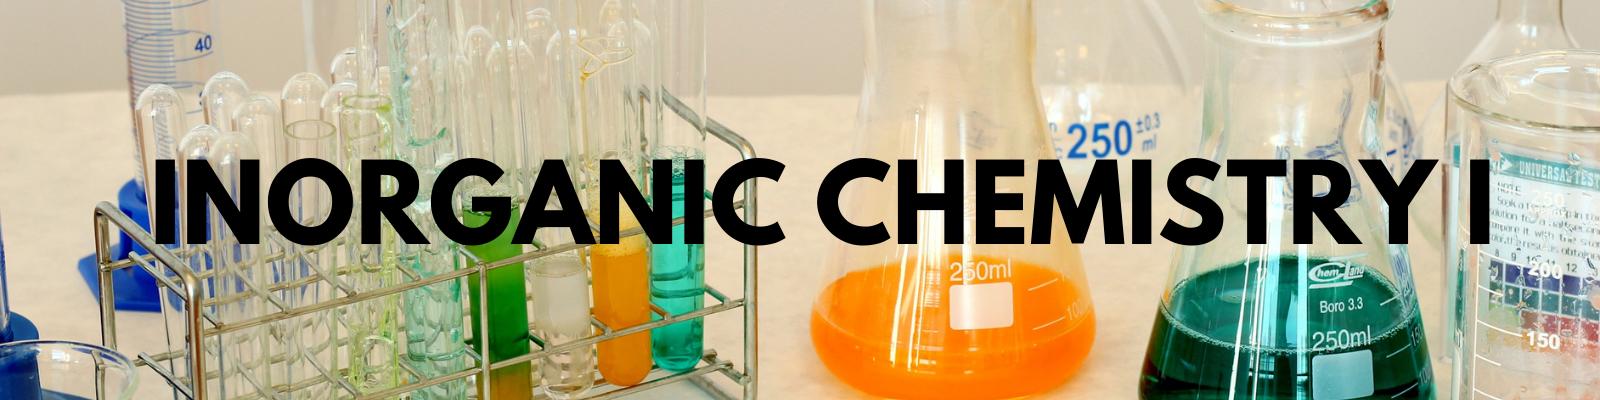 1121240 Inorganic Chemistry I